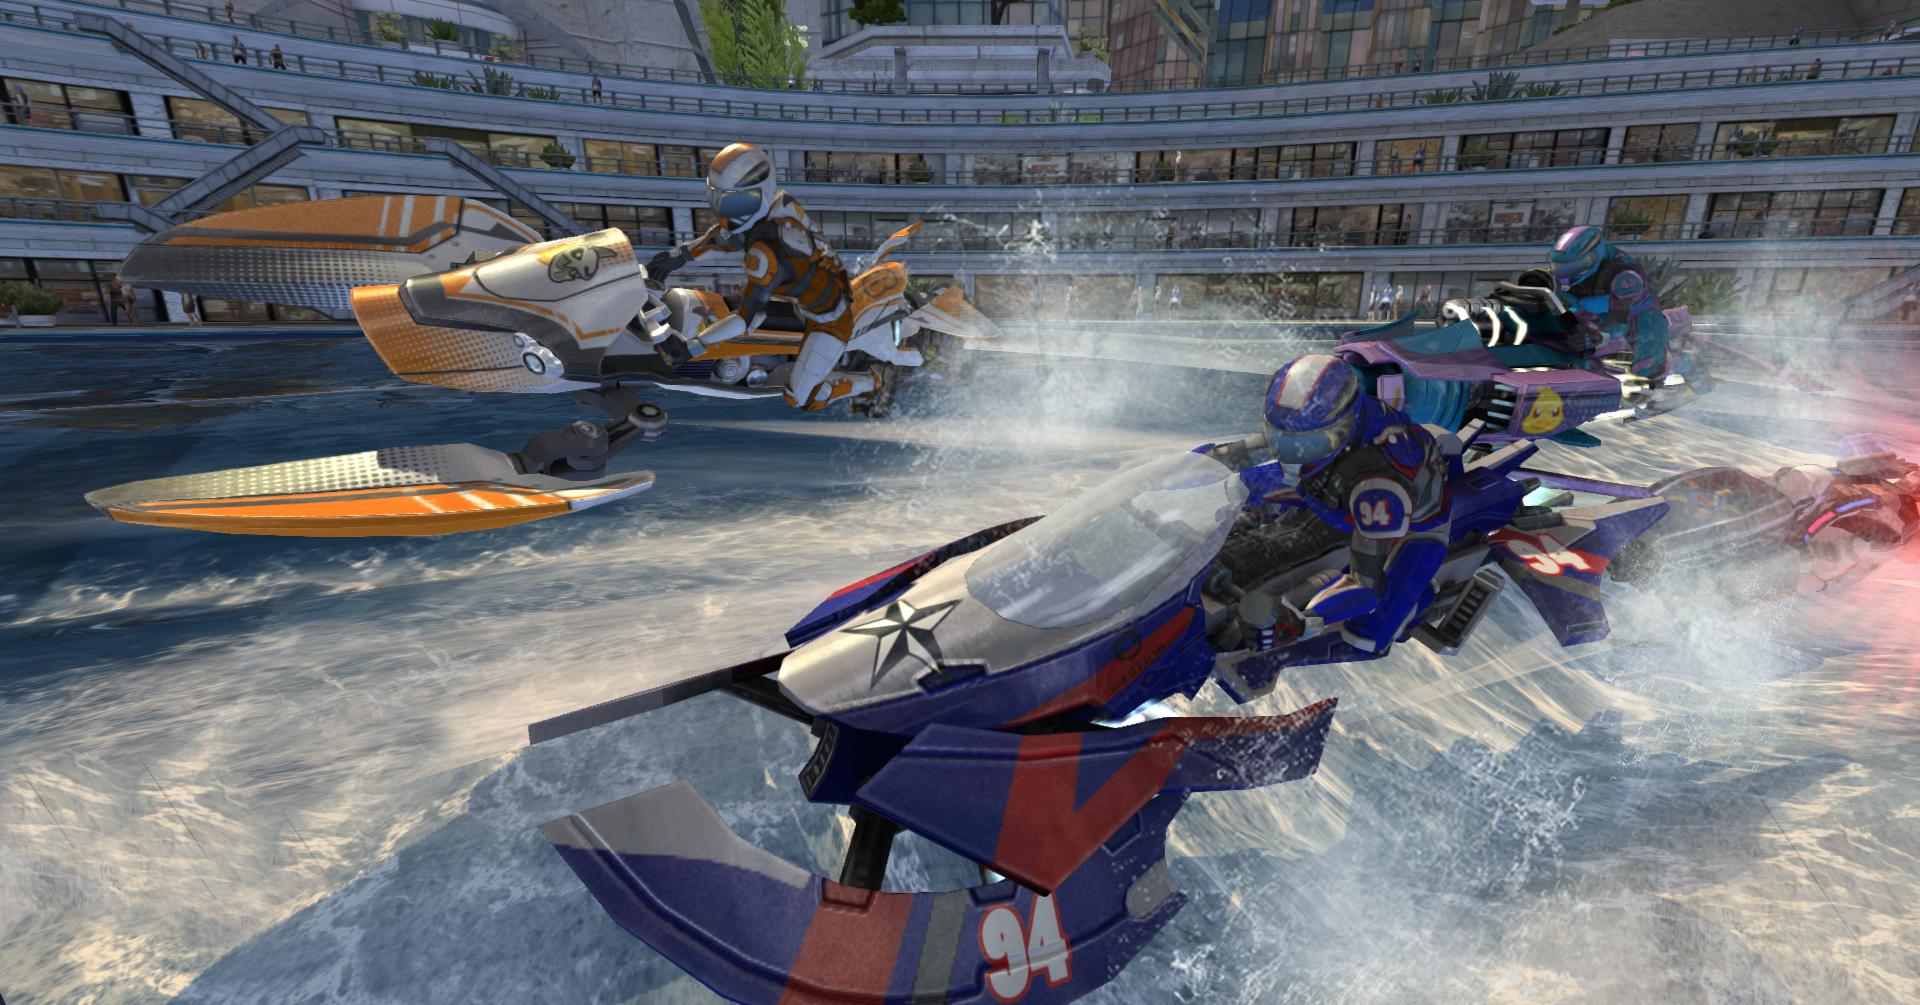 Riptide GP Renegade Review Screenshot 1